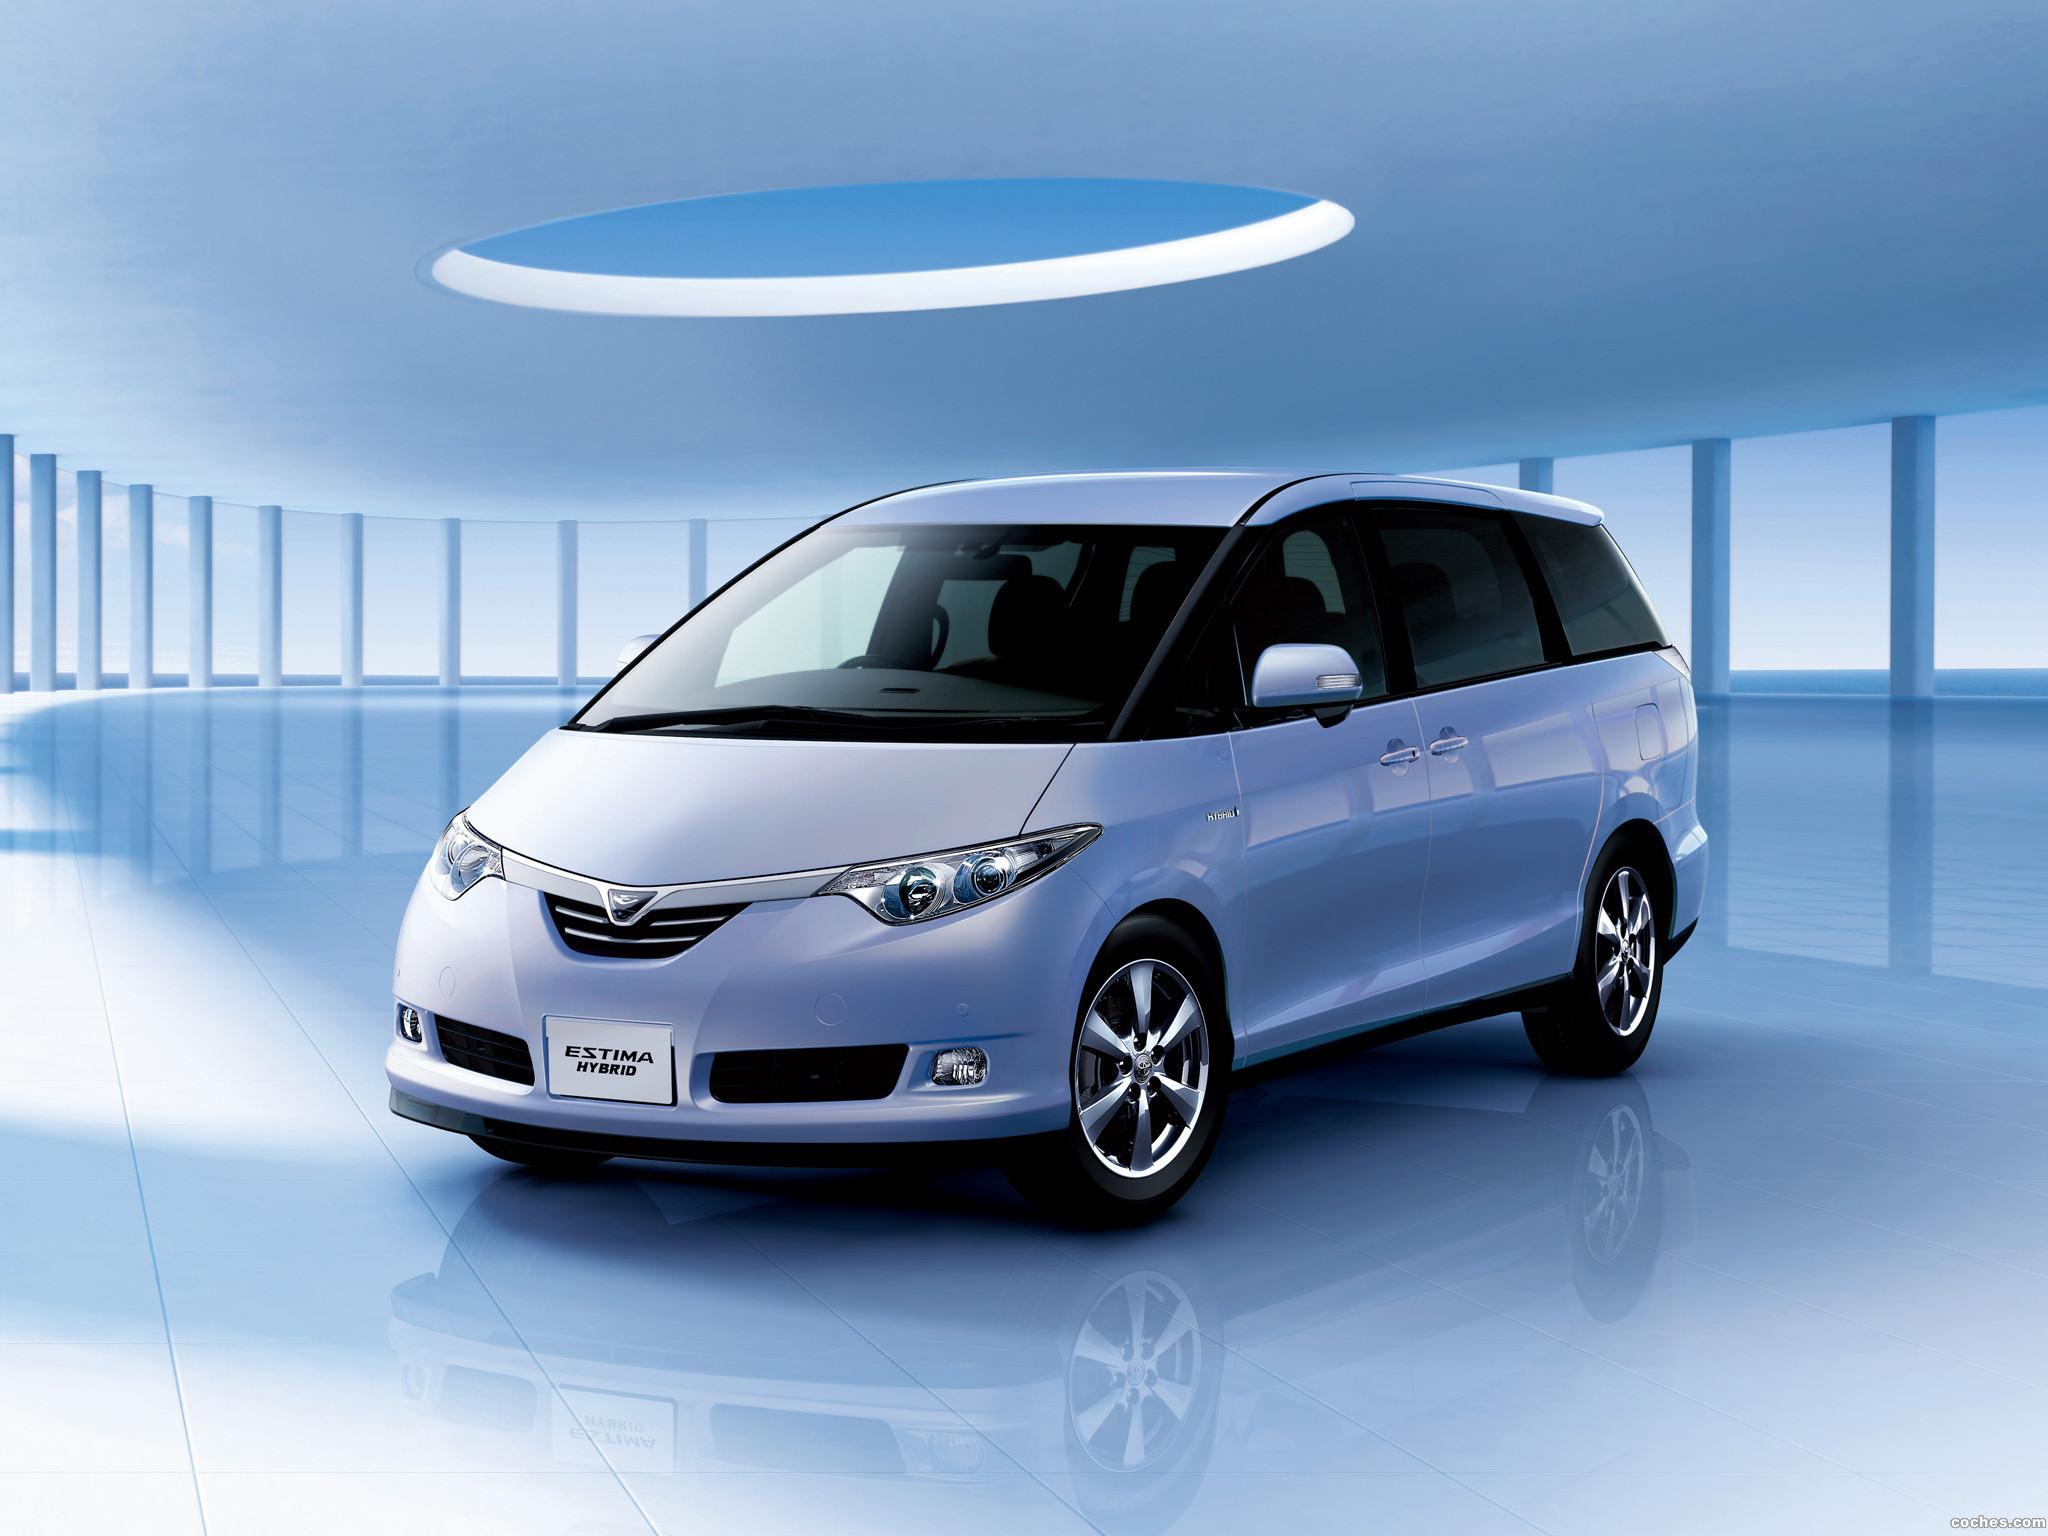 Foto 0 de Toyota Estima Hybrid 2007